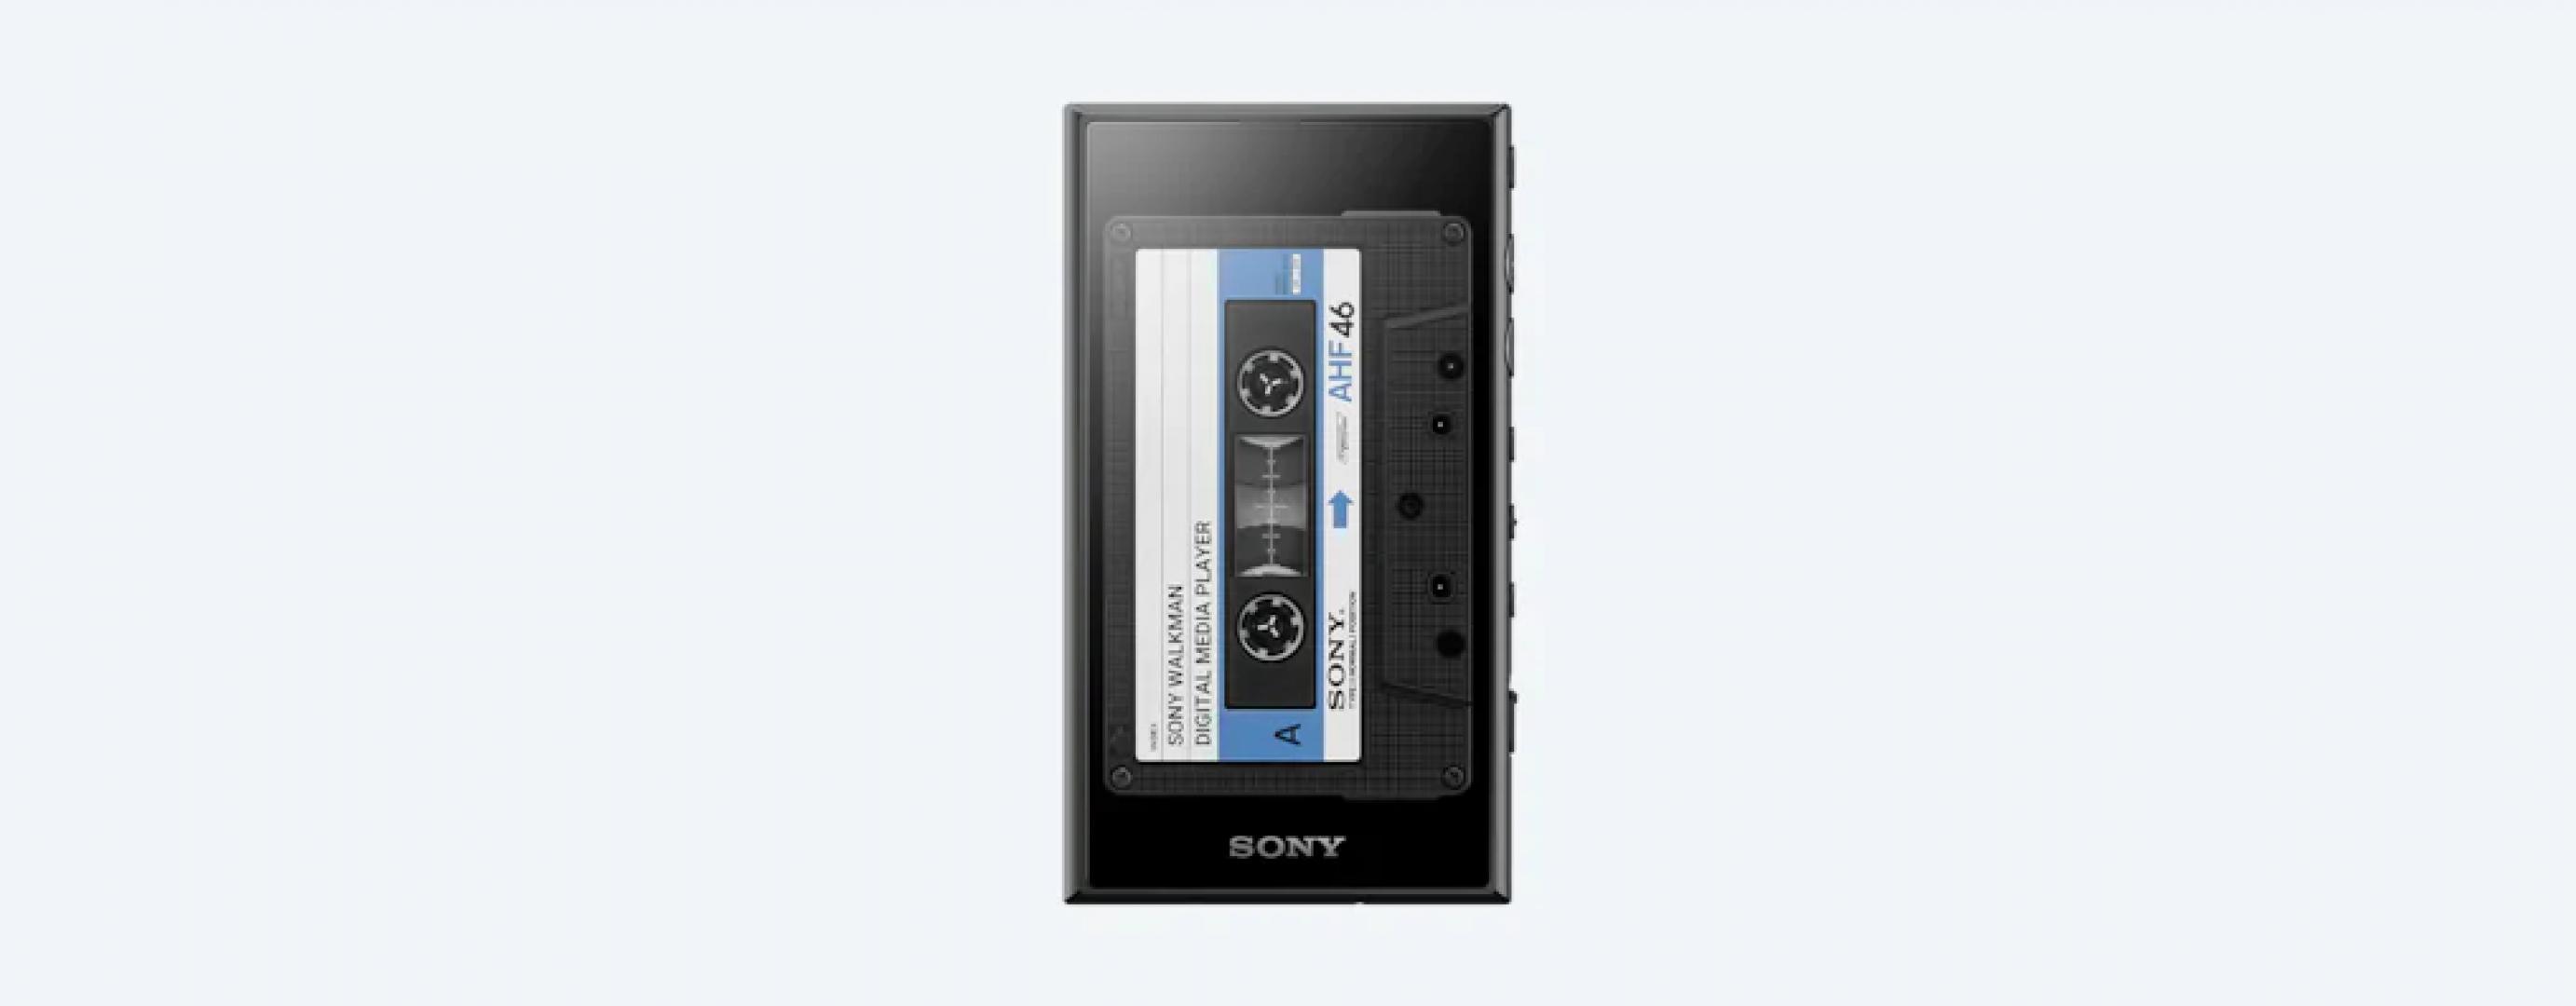 Máy nghe nhạc Sony NW-A106 HN